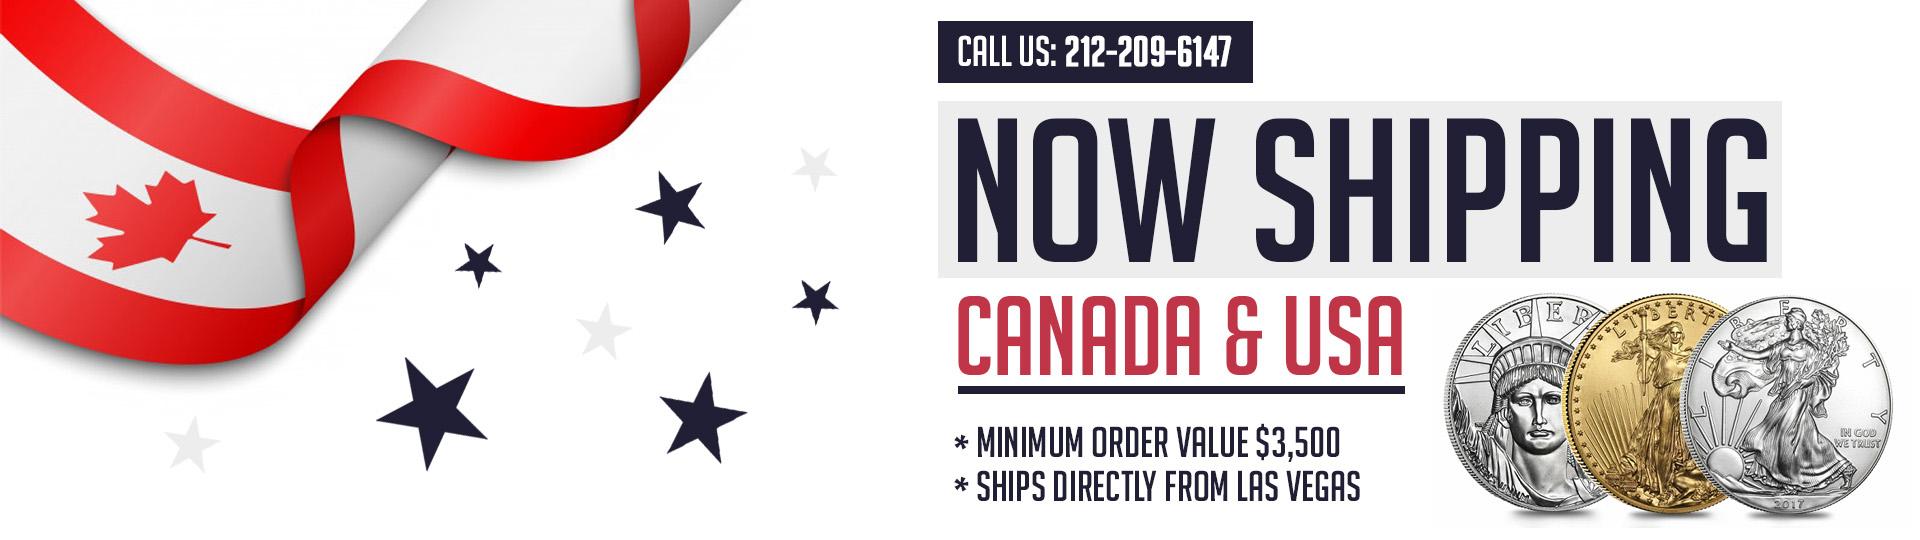 canada-usa-shipping-banner12.jpg